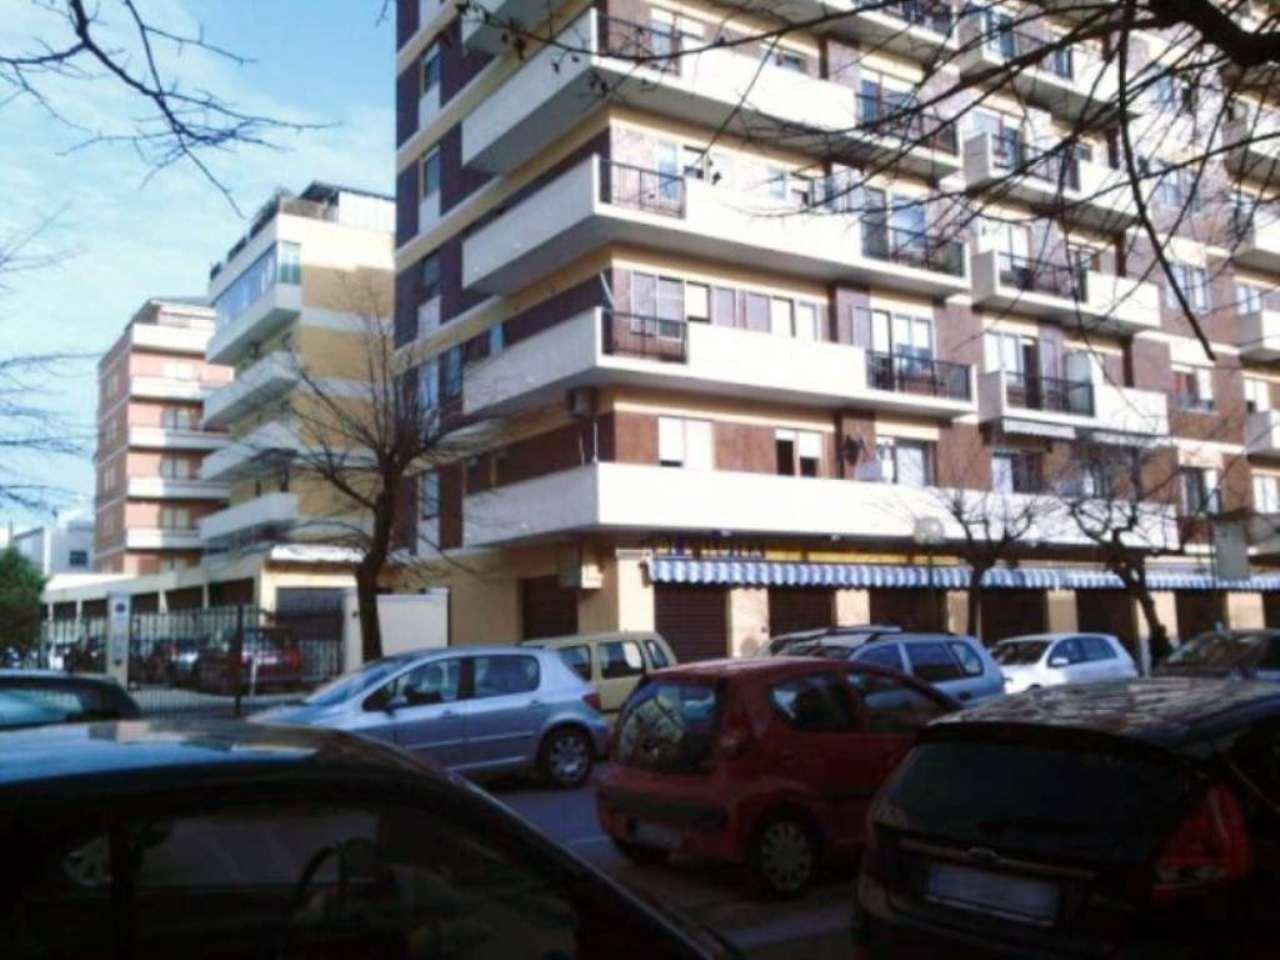 Negozio / Locale in vendita a Pescara, 1 locali, Trattative riservate | Cambio Casa.it